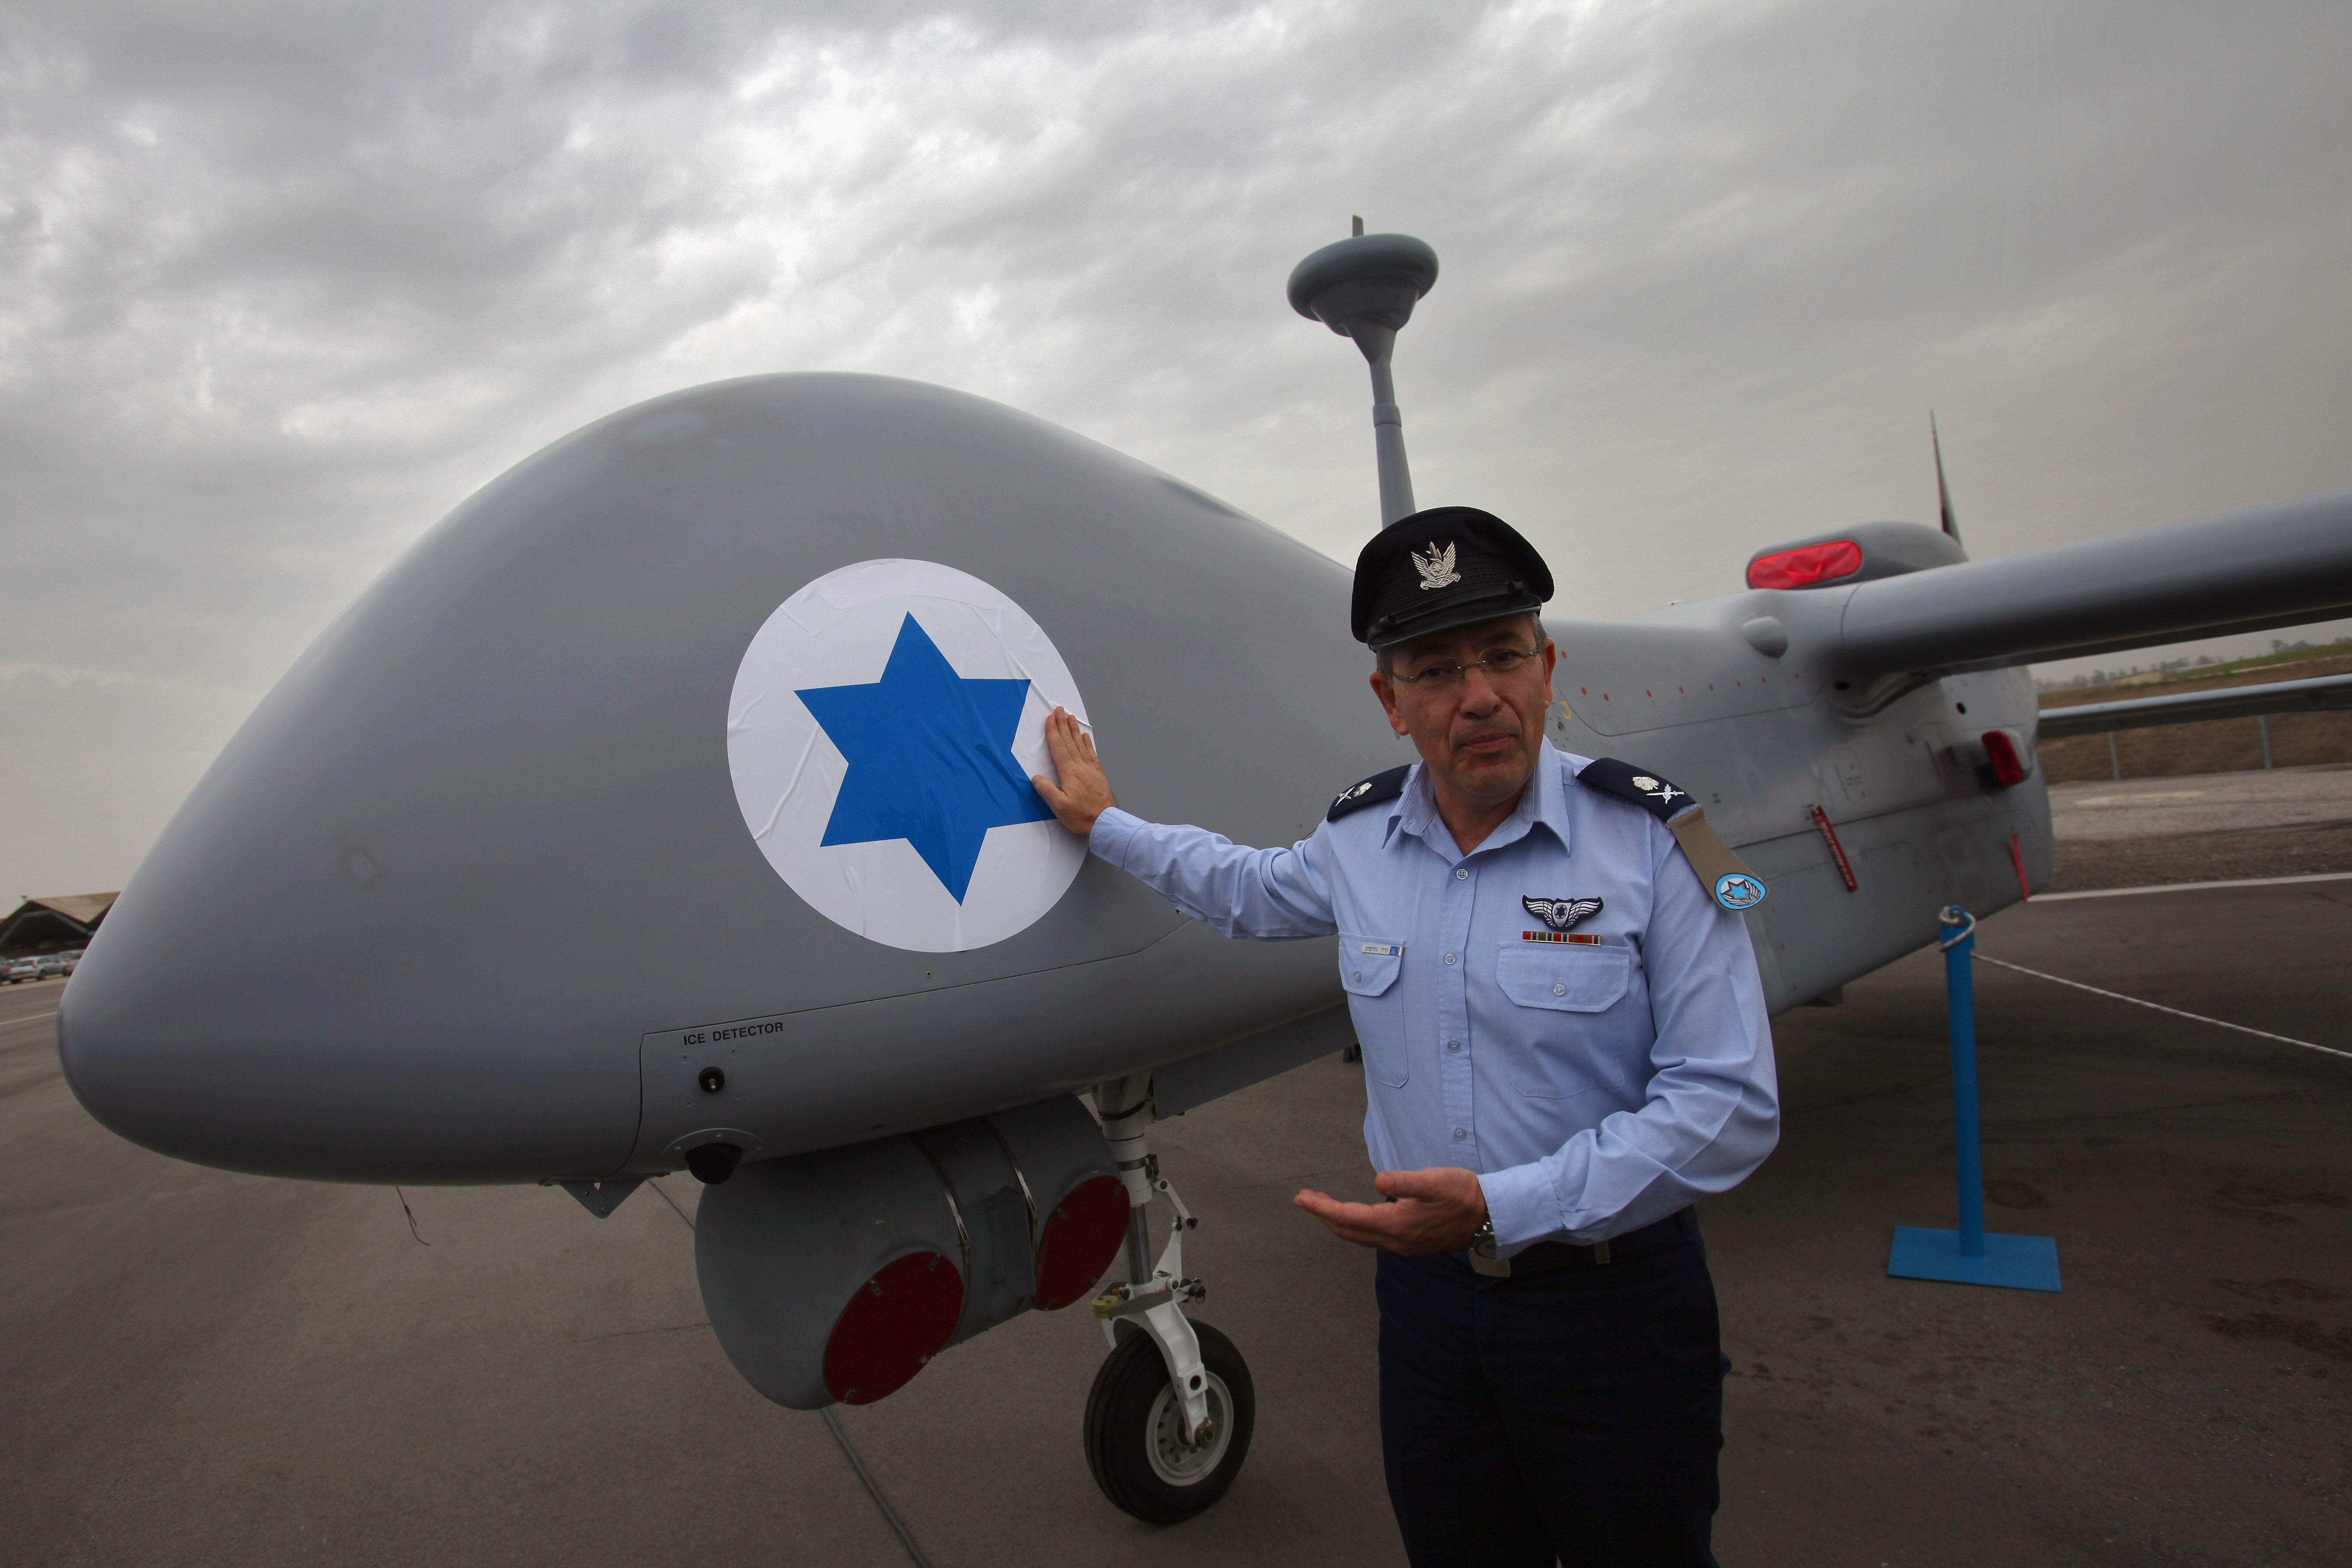 Israeli Airforce unmanned aerial vehicle Heron TP.